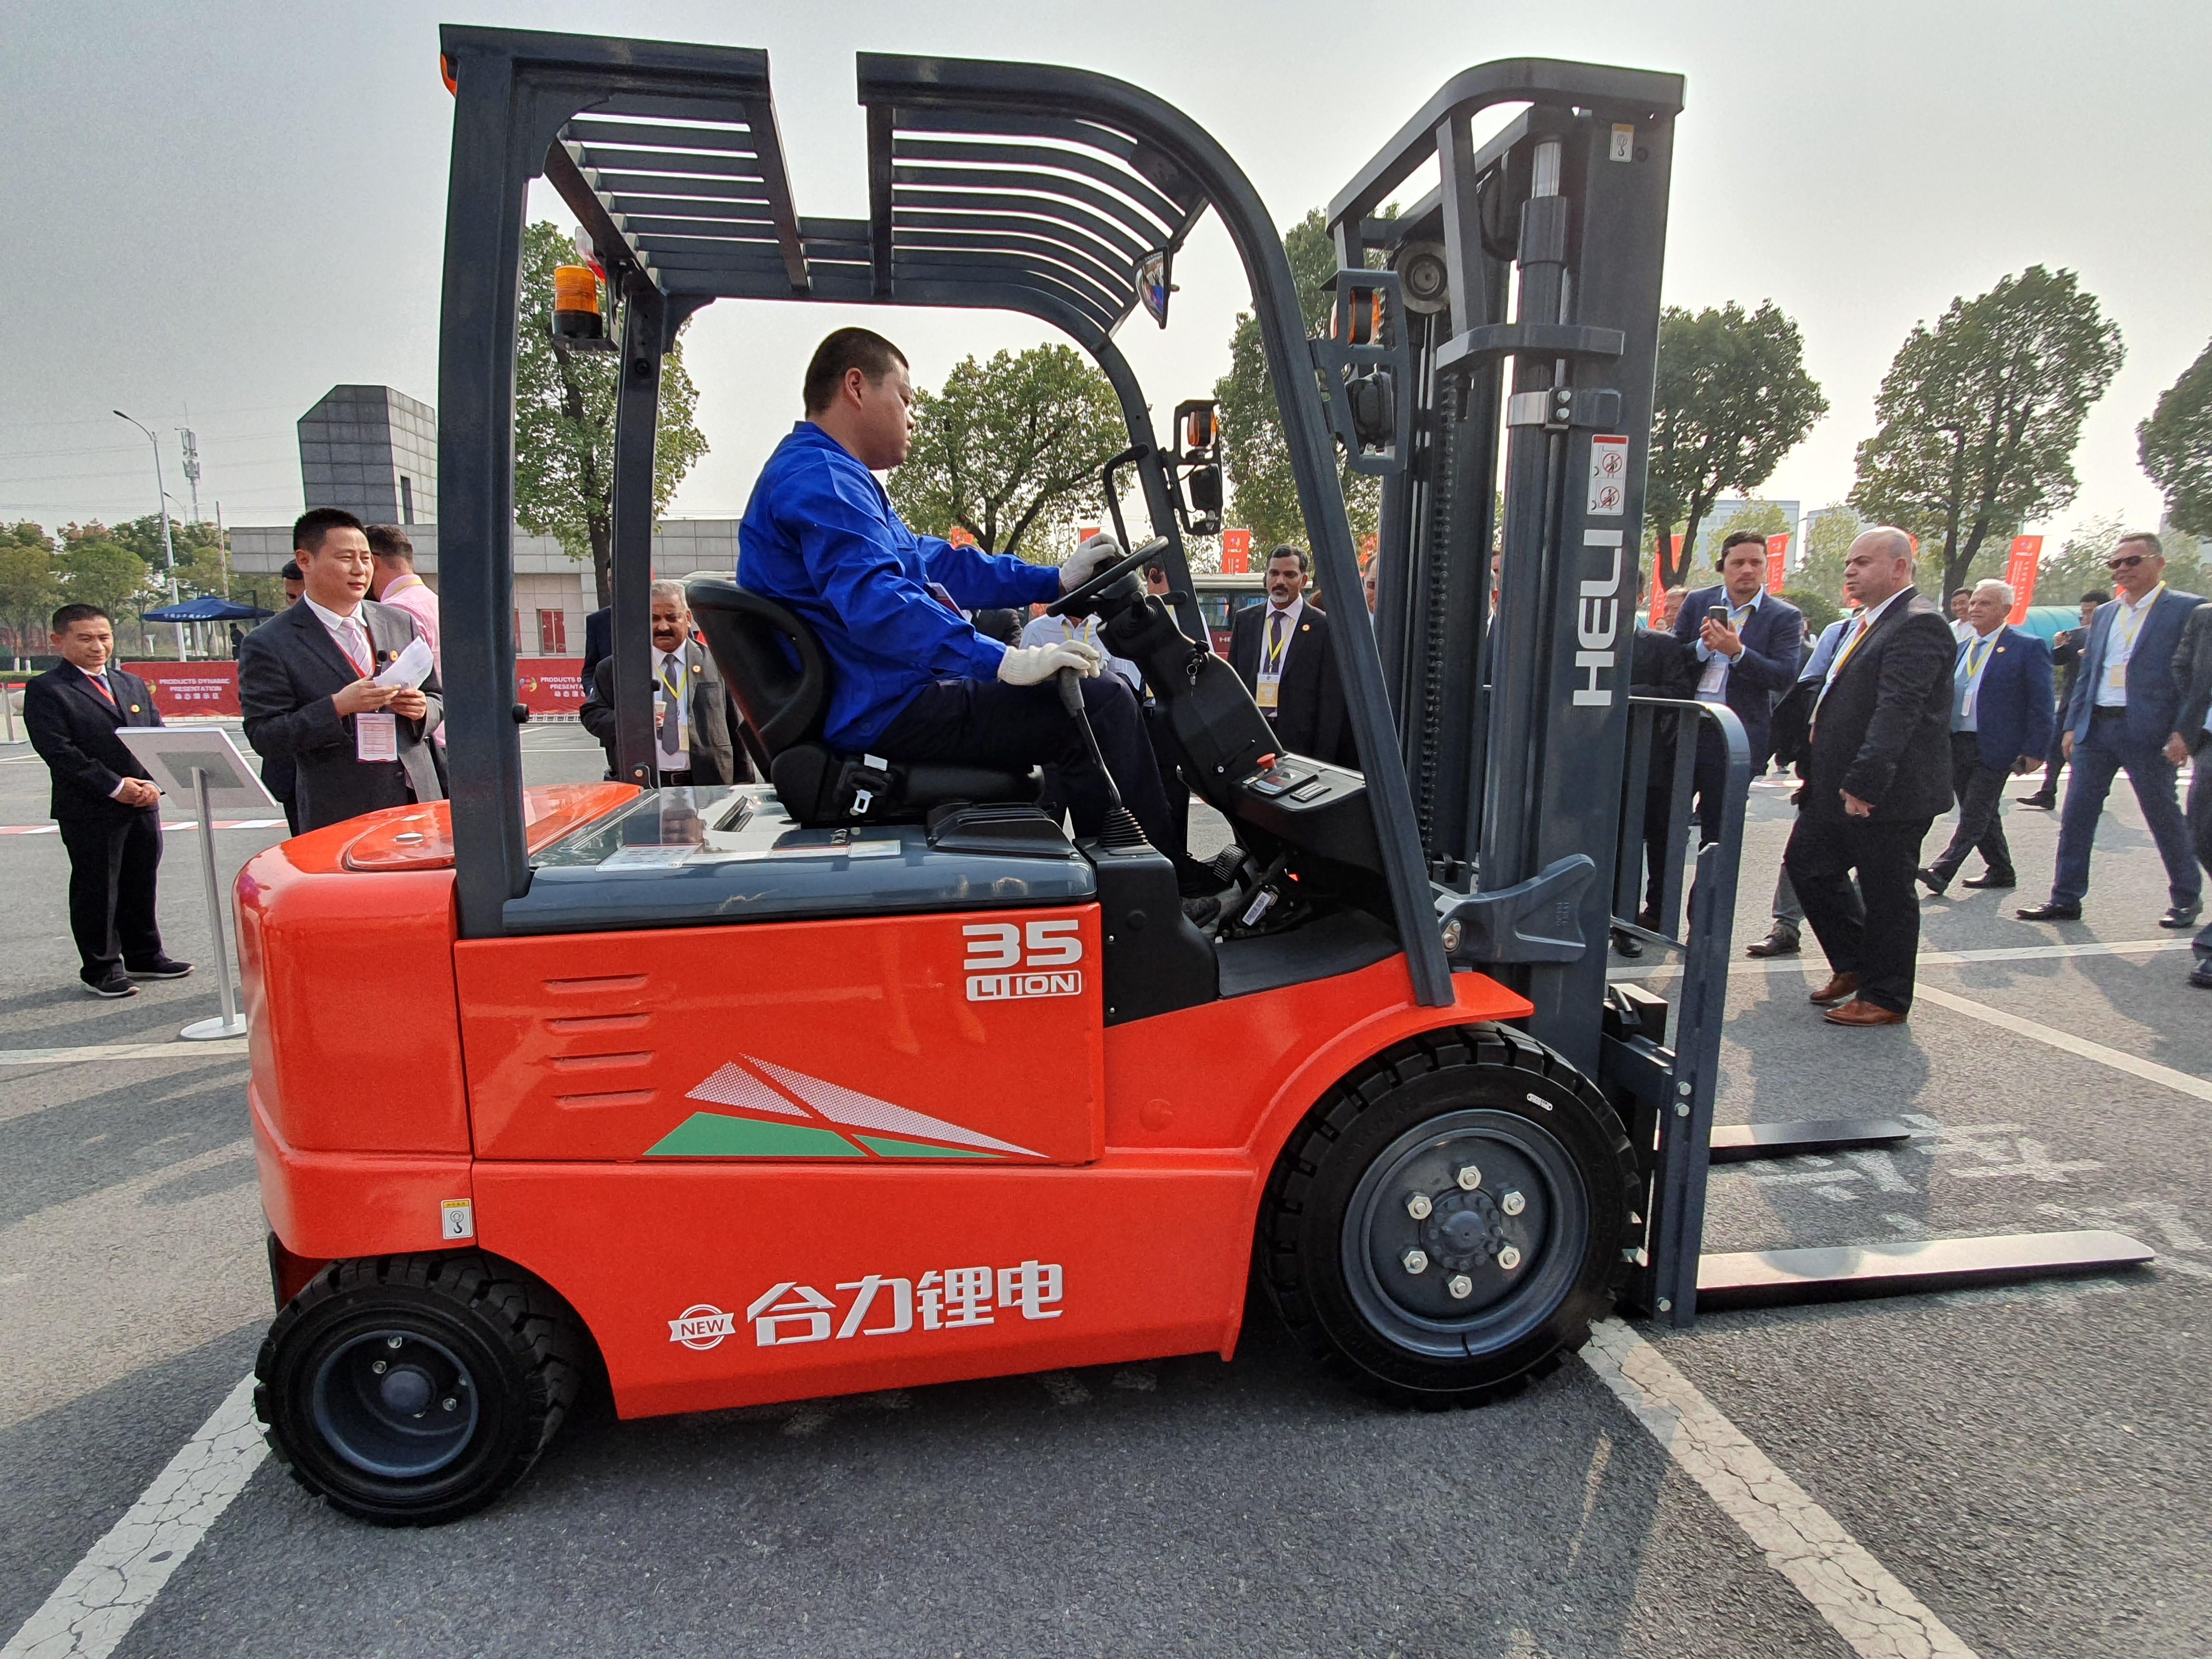 Noua generaţie HELI de echipamente performante şi inovatoare Li-Ion